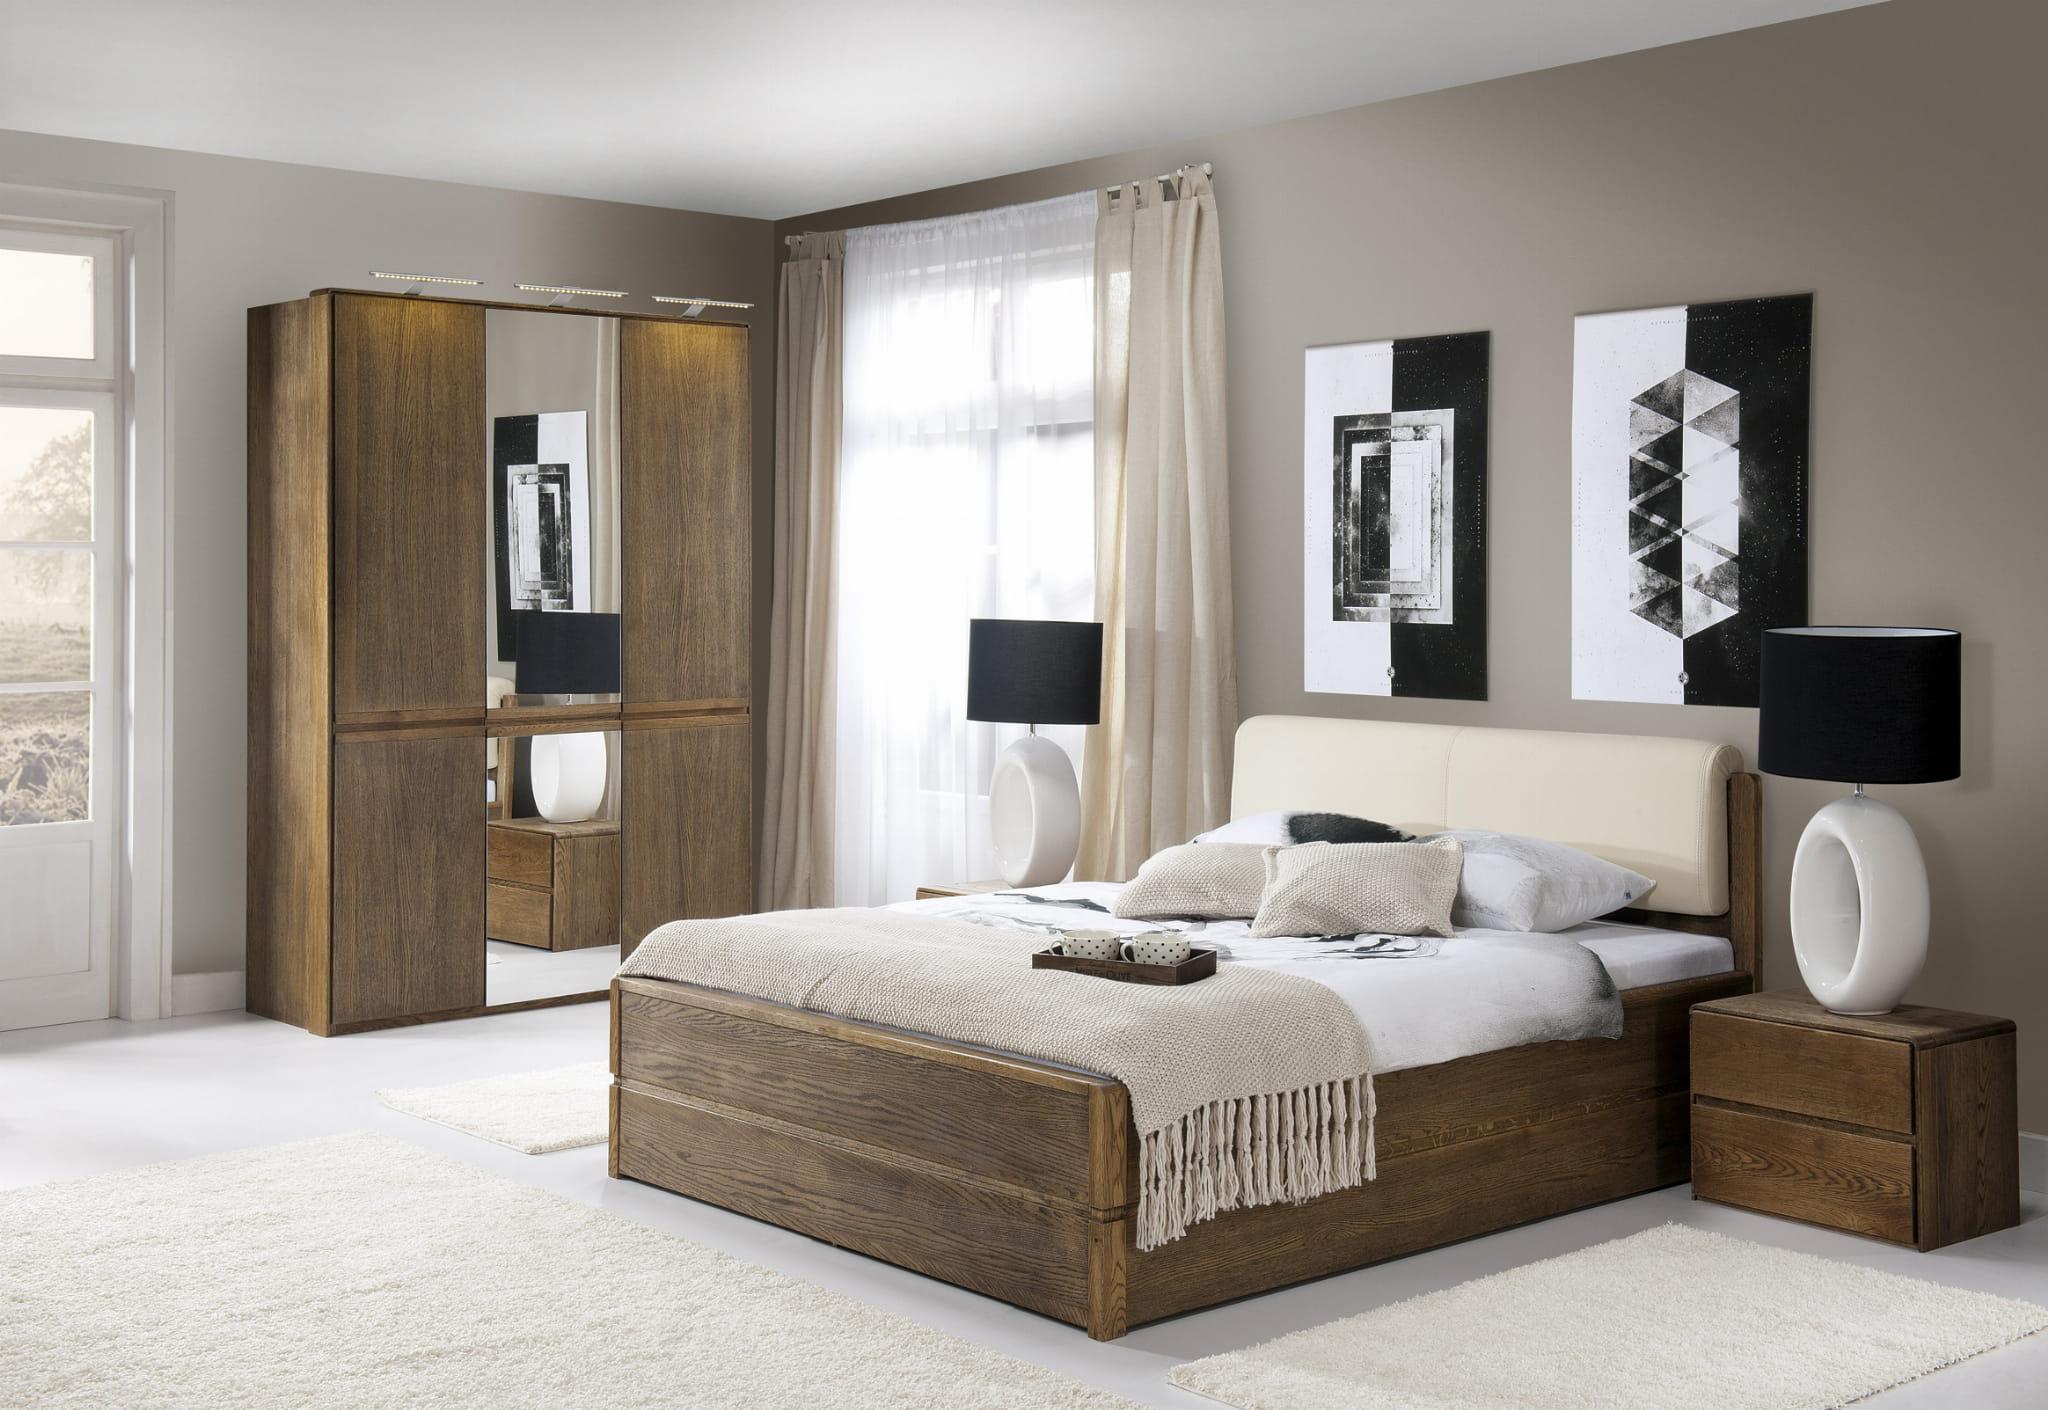 łóżko Drewniane Atlanta Typ 16 Masywne łóżka Do Sypialni